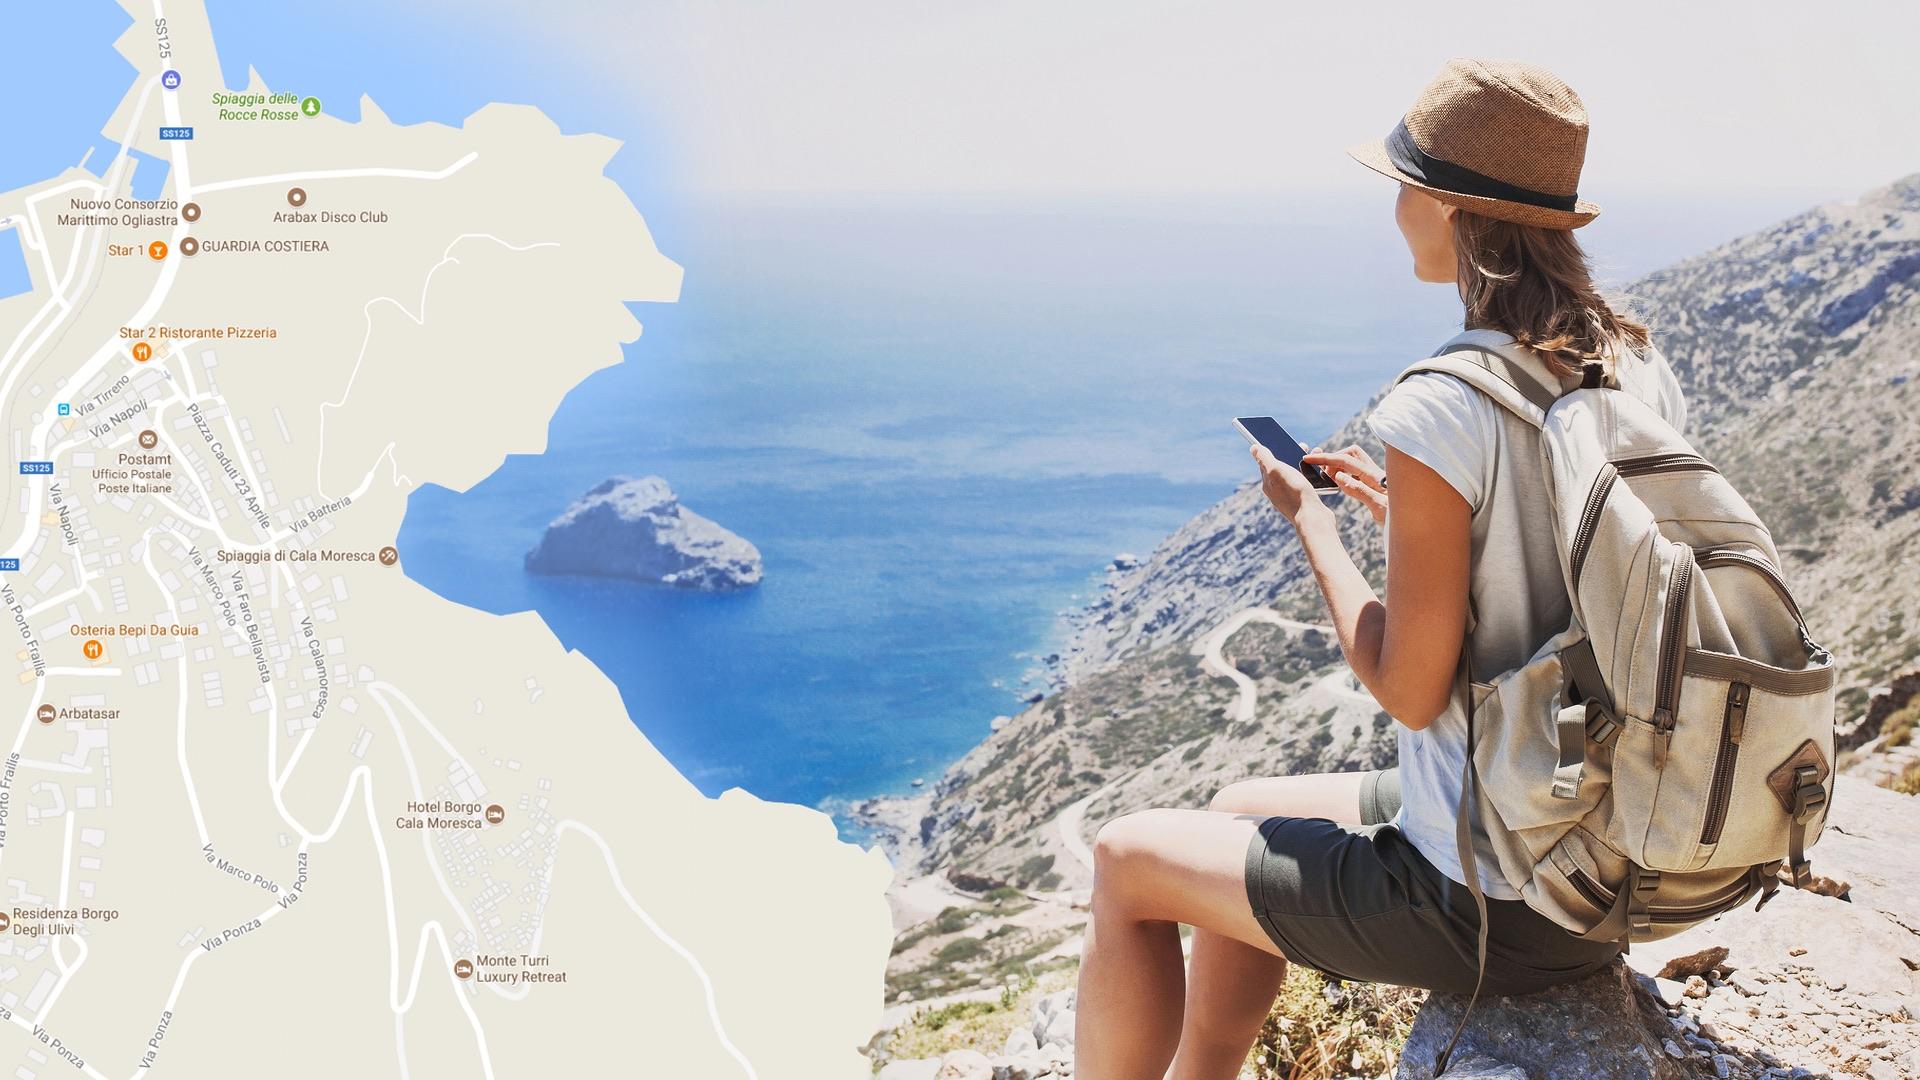 Entfernungsmesser Maps : Google maps karte erstellen mit mymaps u so geht s giga